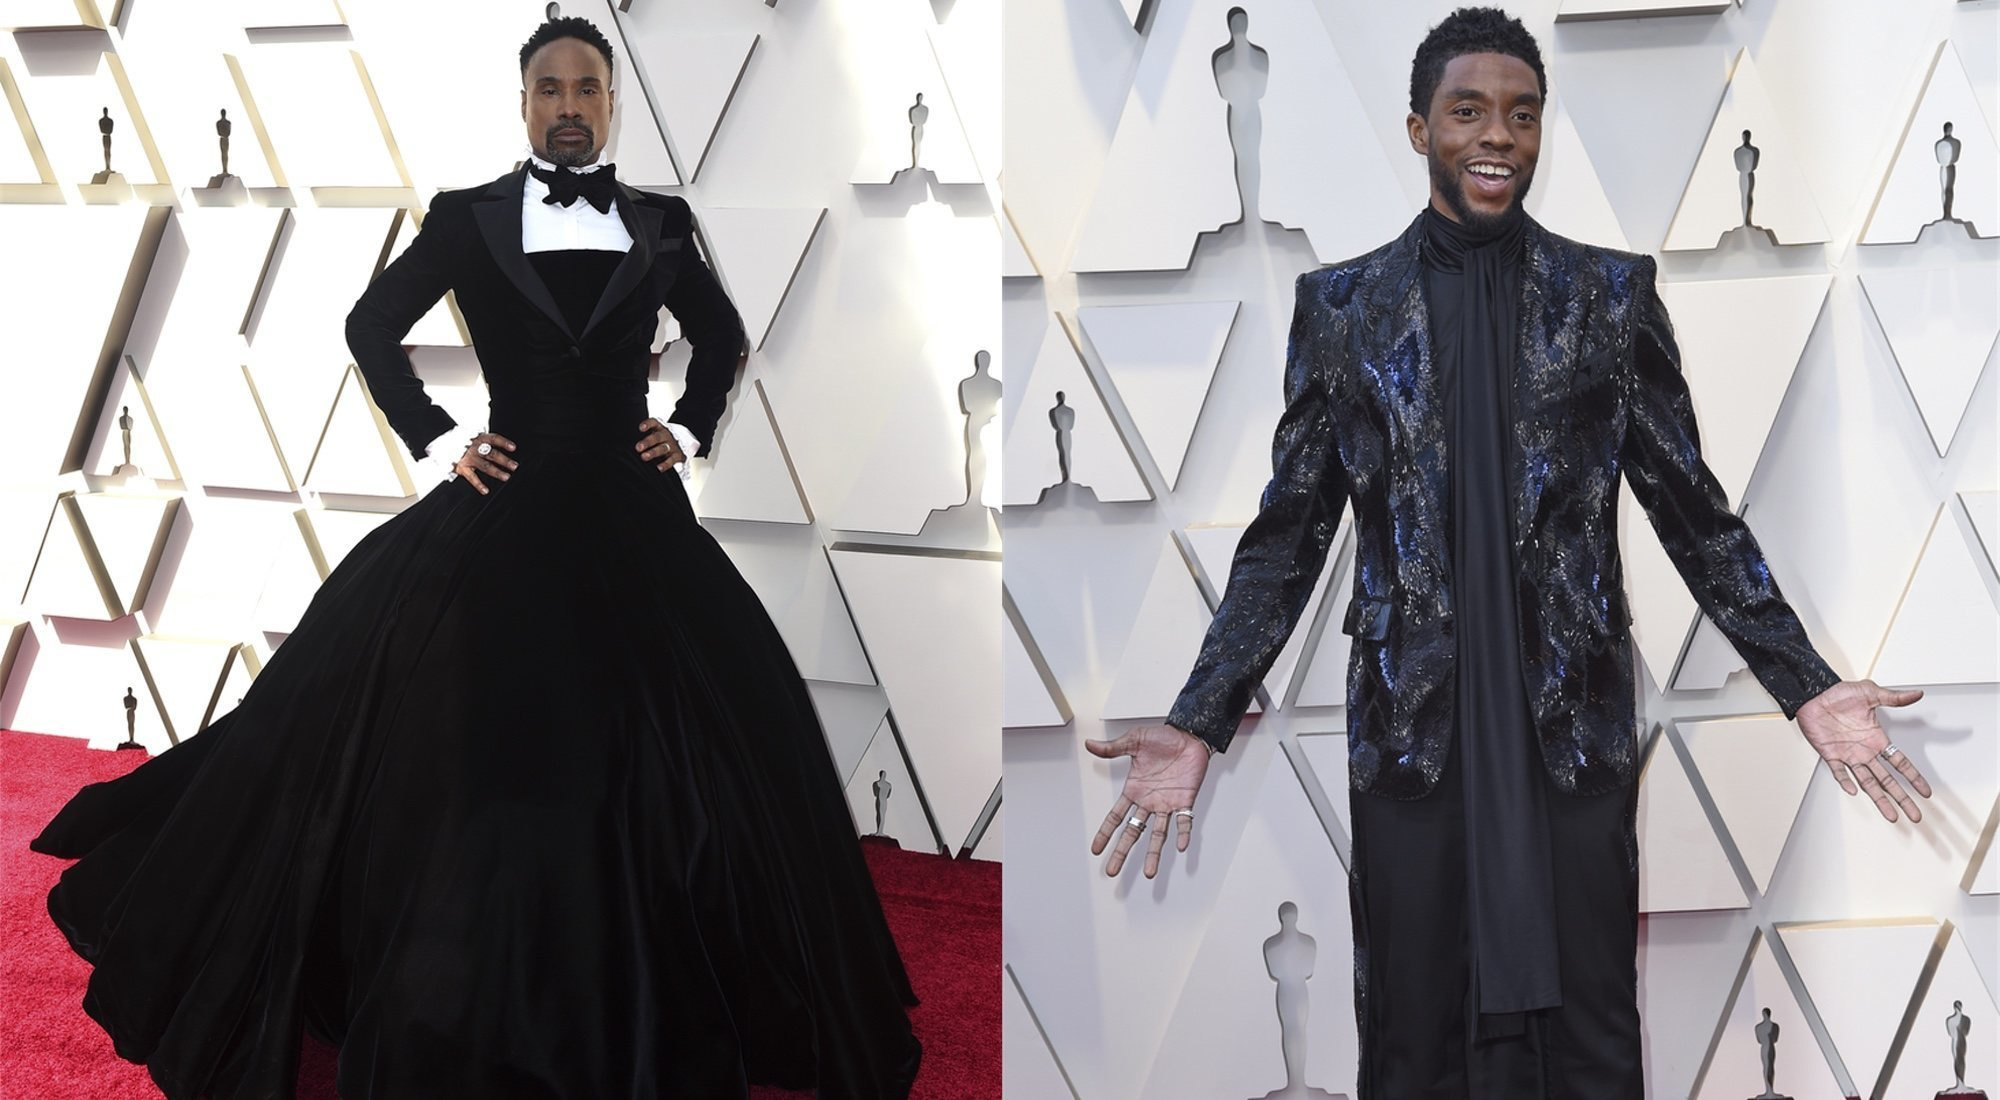 e99a661b6 Los hombres mejor (y peor) vestidos de los Oscar 2019 - MENzig